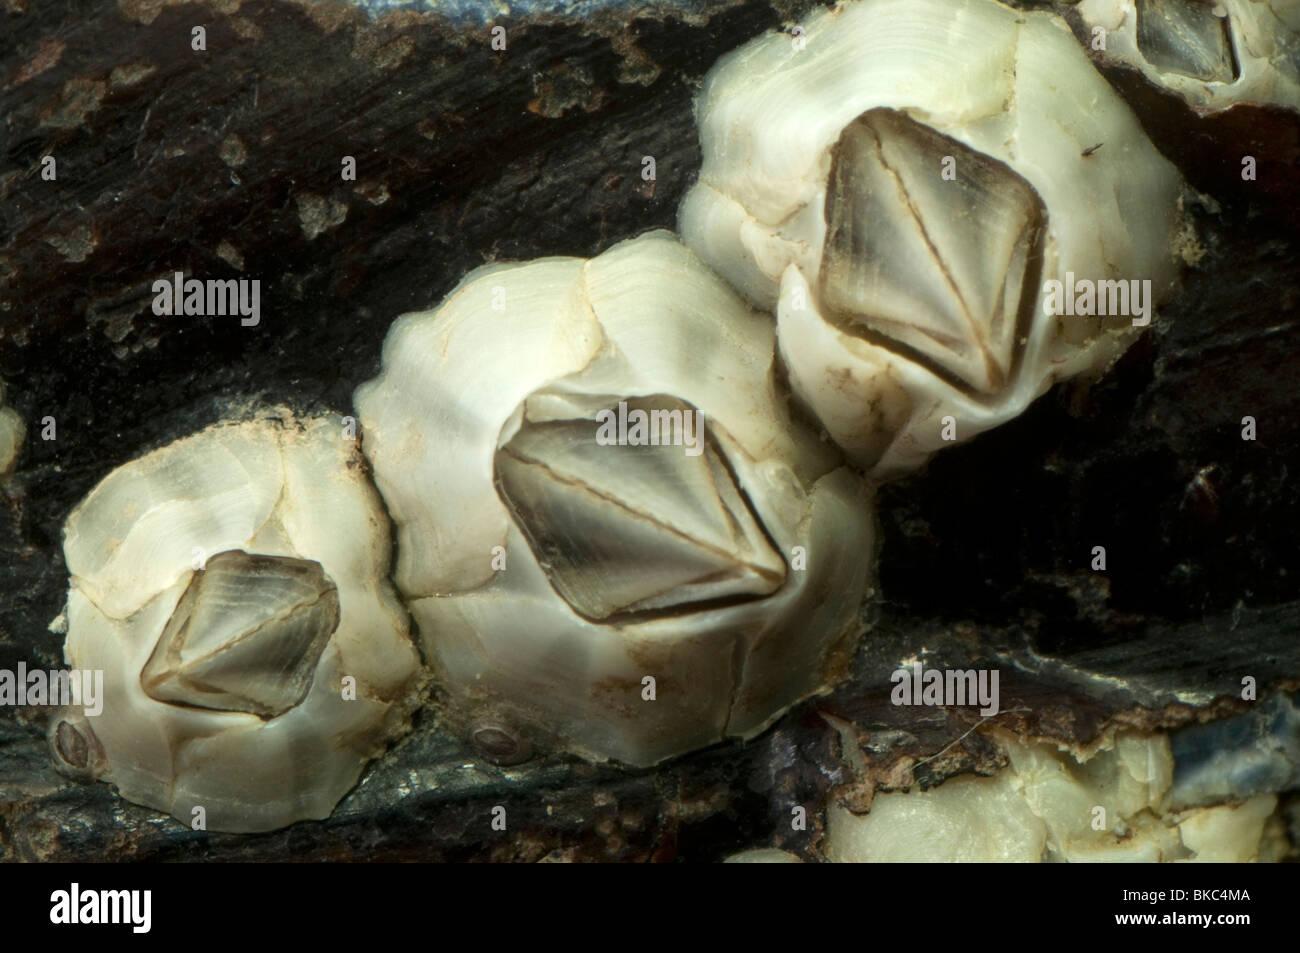 Australian barnacle Elminius (modesto) su un guscio di cozze. Foto Stock